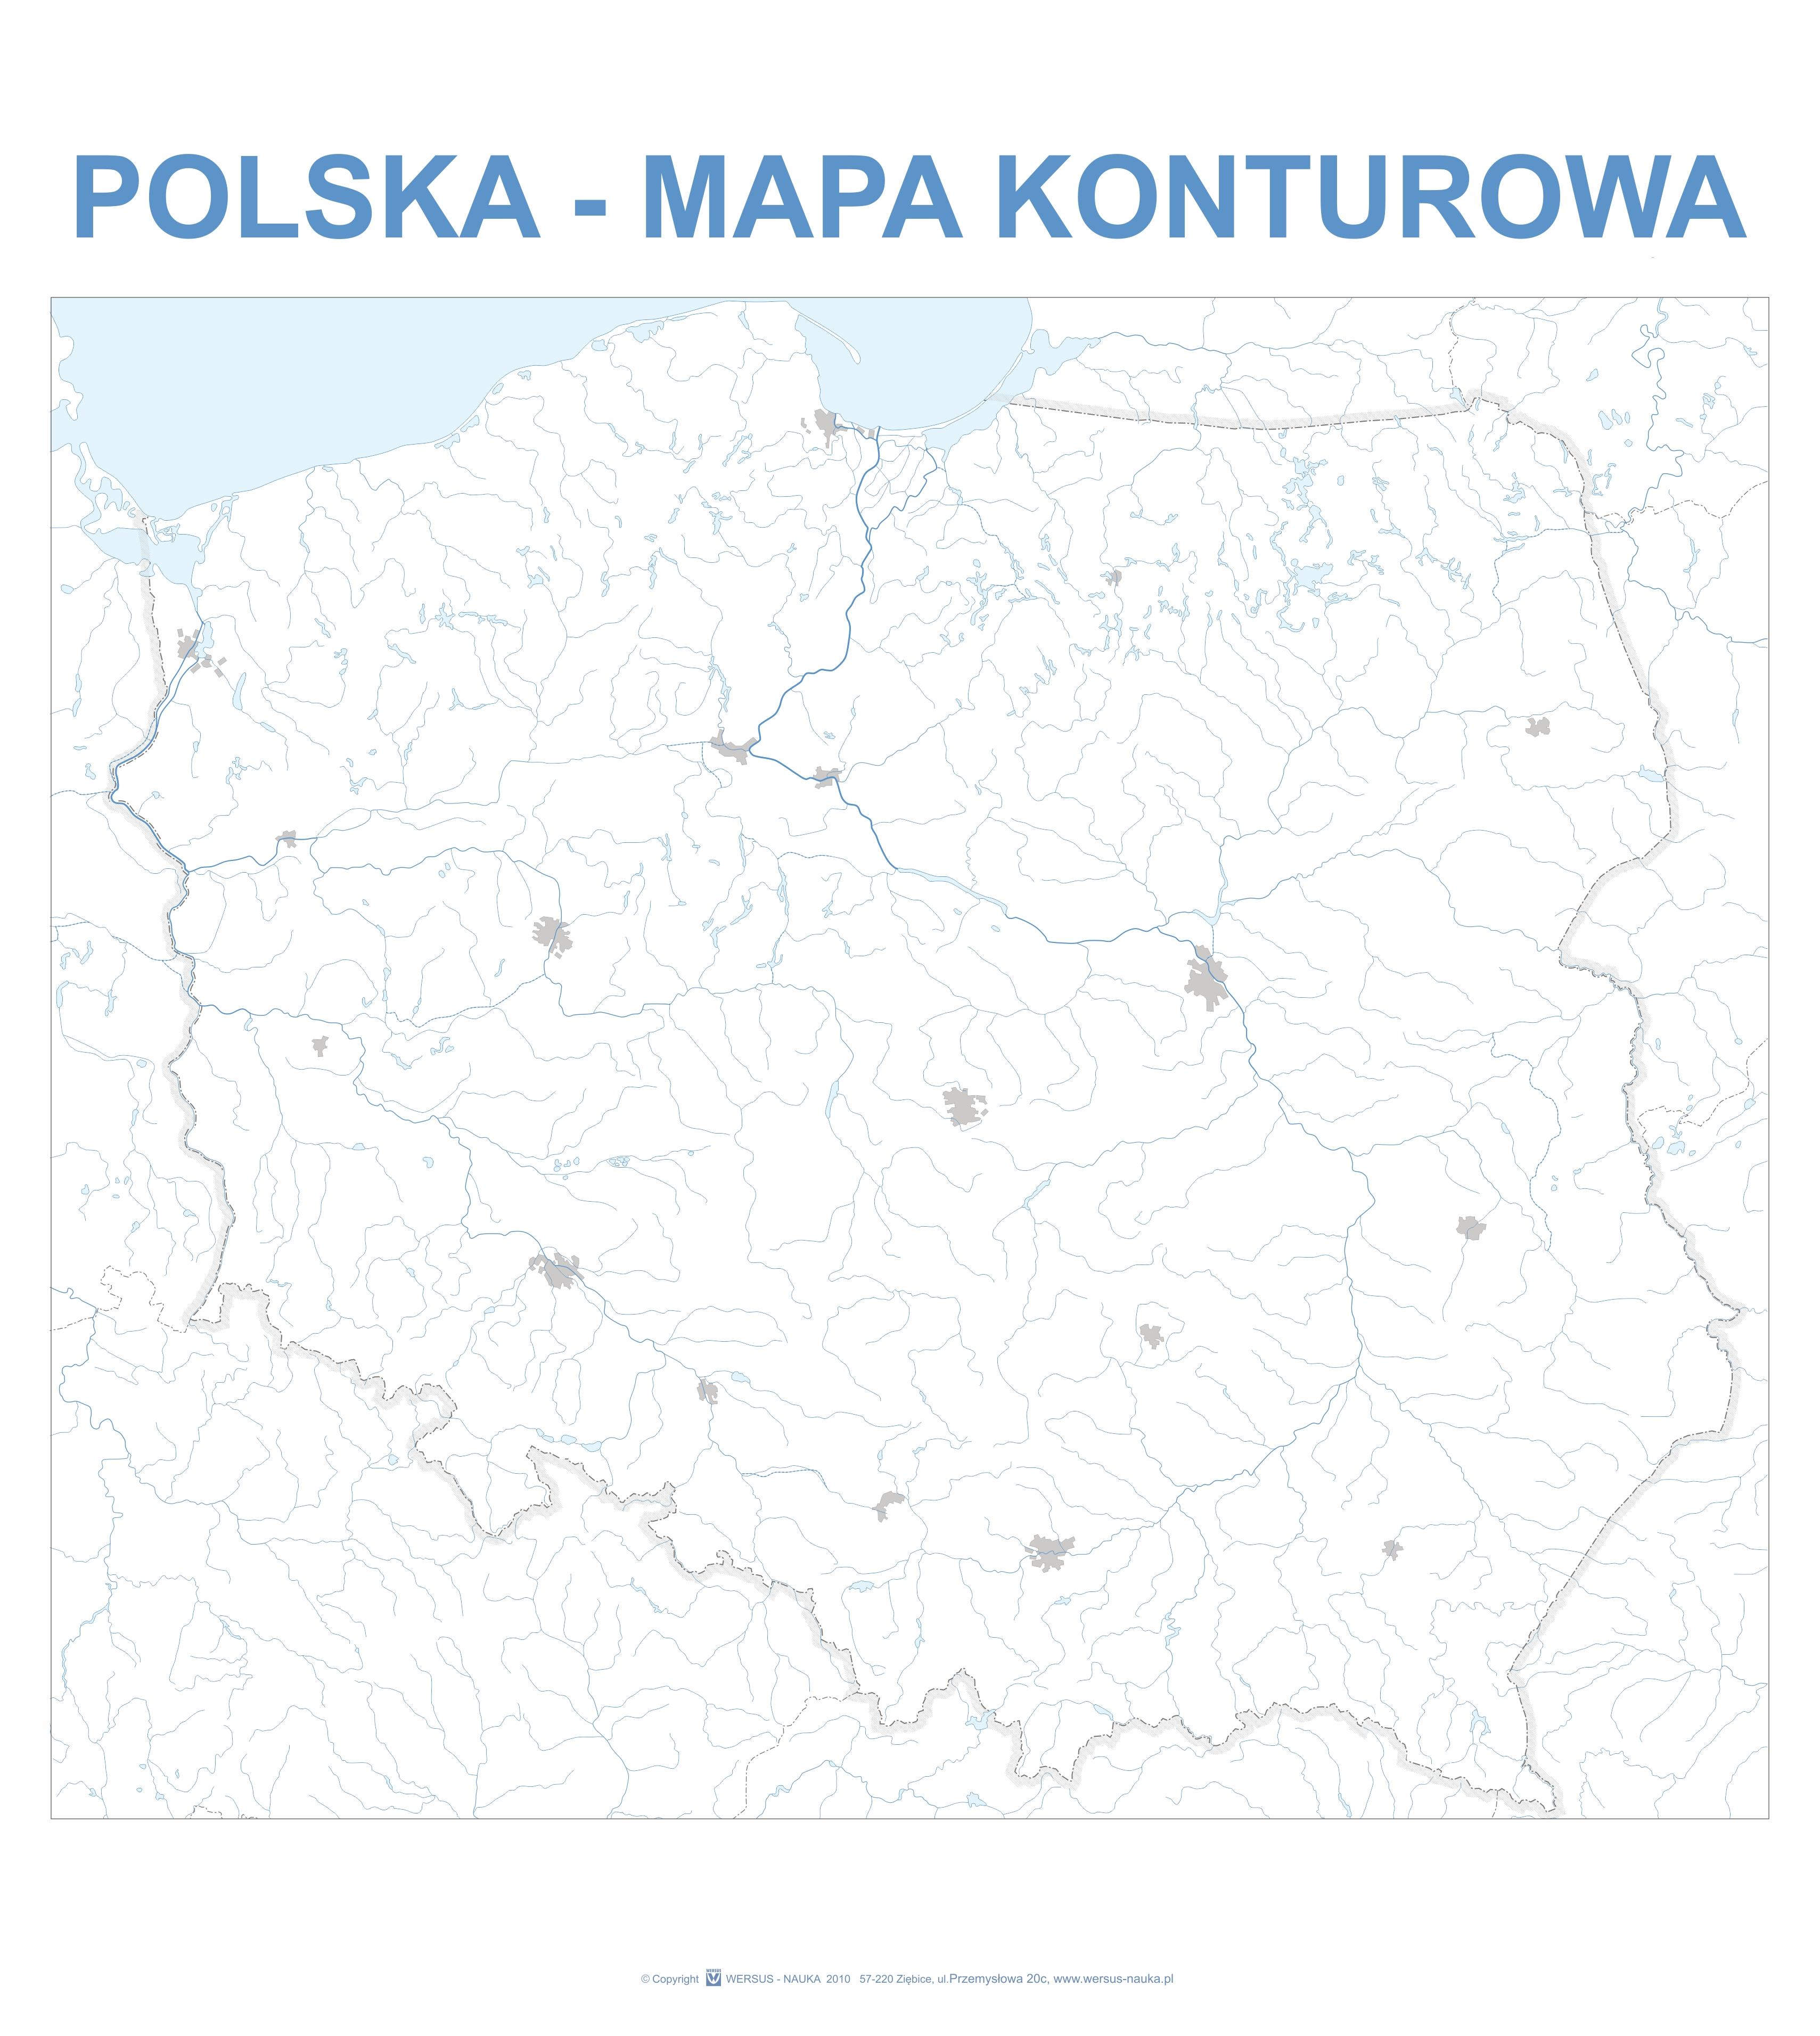 Mapa Konturowa Polski Z Wyposazeniem 4 Pisaki Suchoscieralne